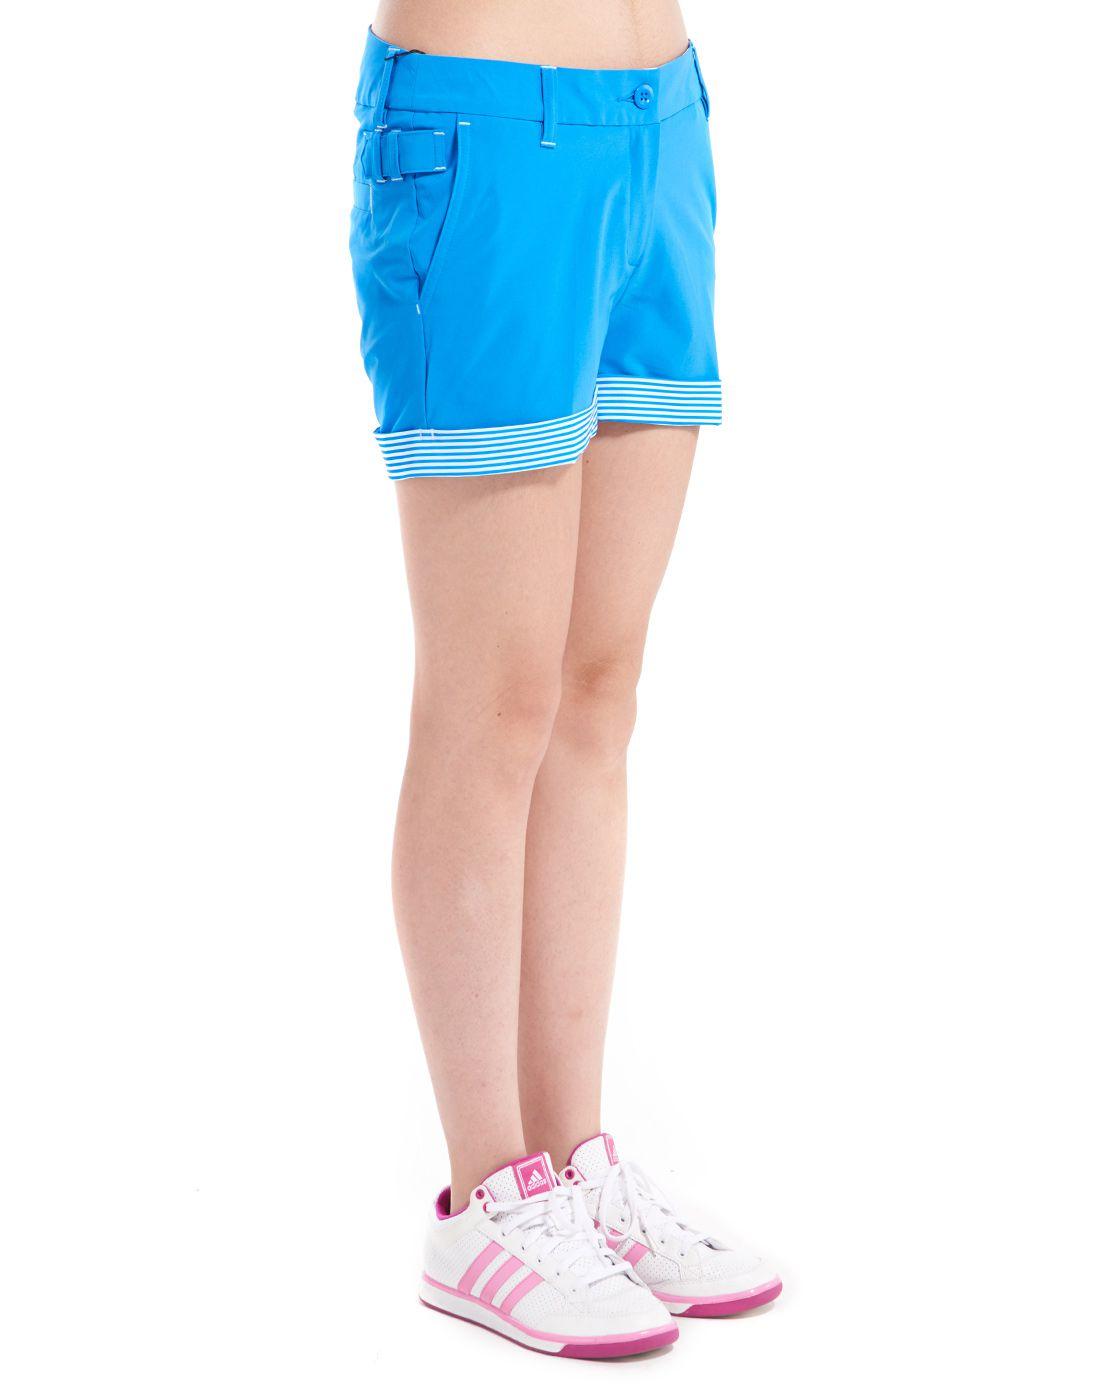 干爽梭织 女款蓝色短裤 高尔夫系列